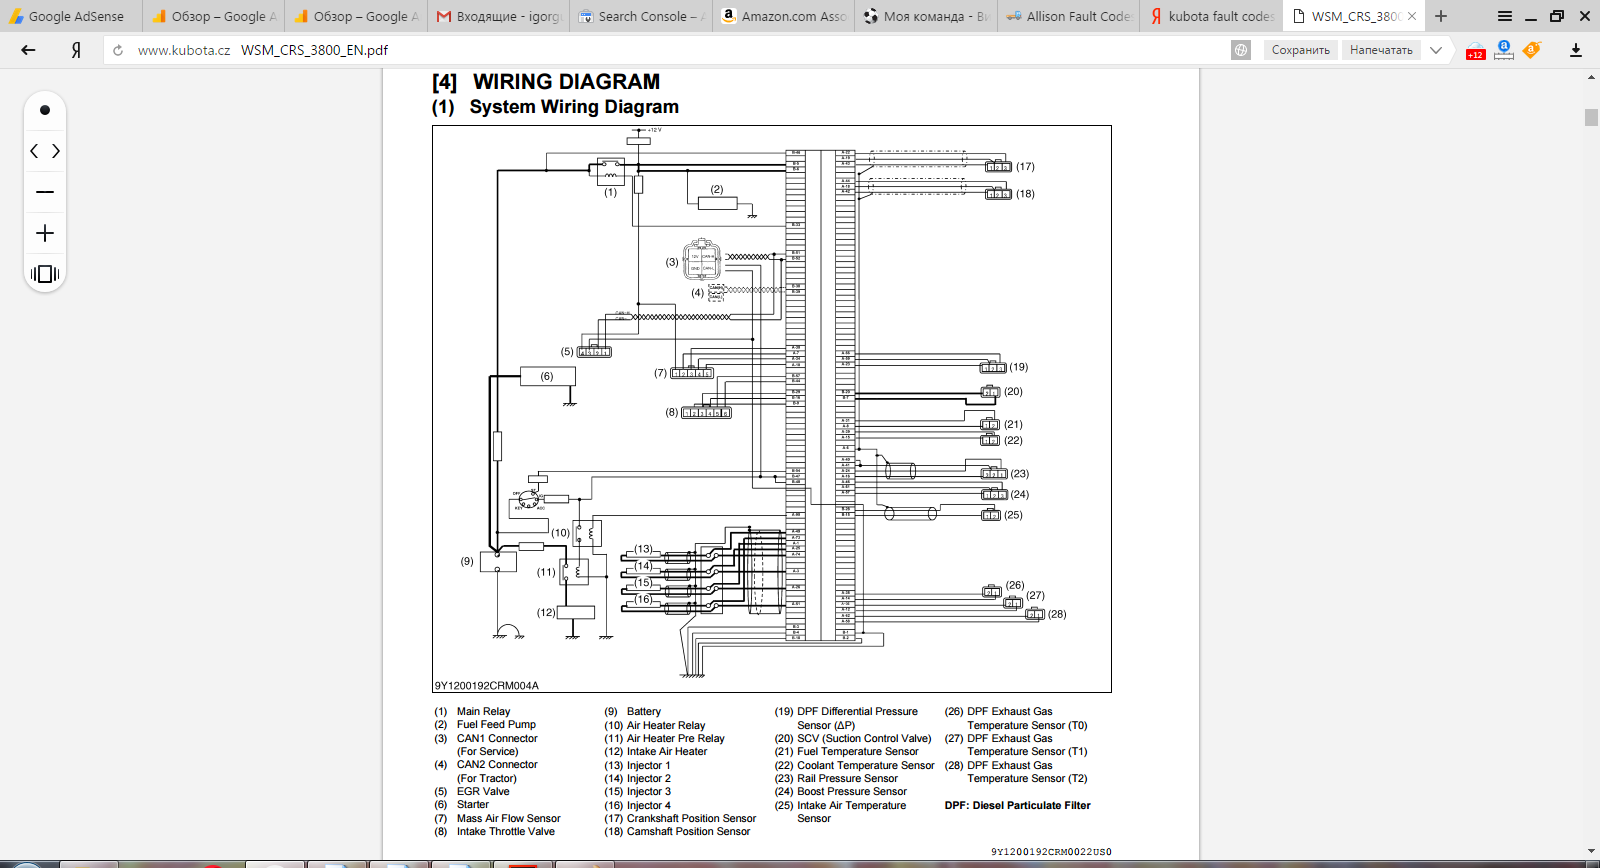 kubota wiring diagram online \u2022 free wiring diagrams kubota b8200 dimensions exelent kubota l3710 gst wiring diagram pattern electrical diagram